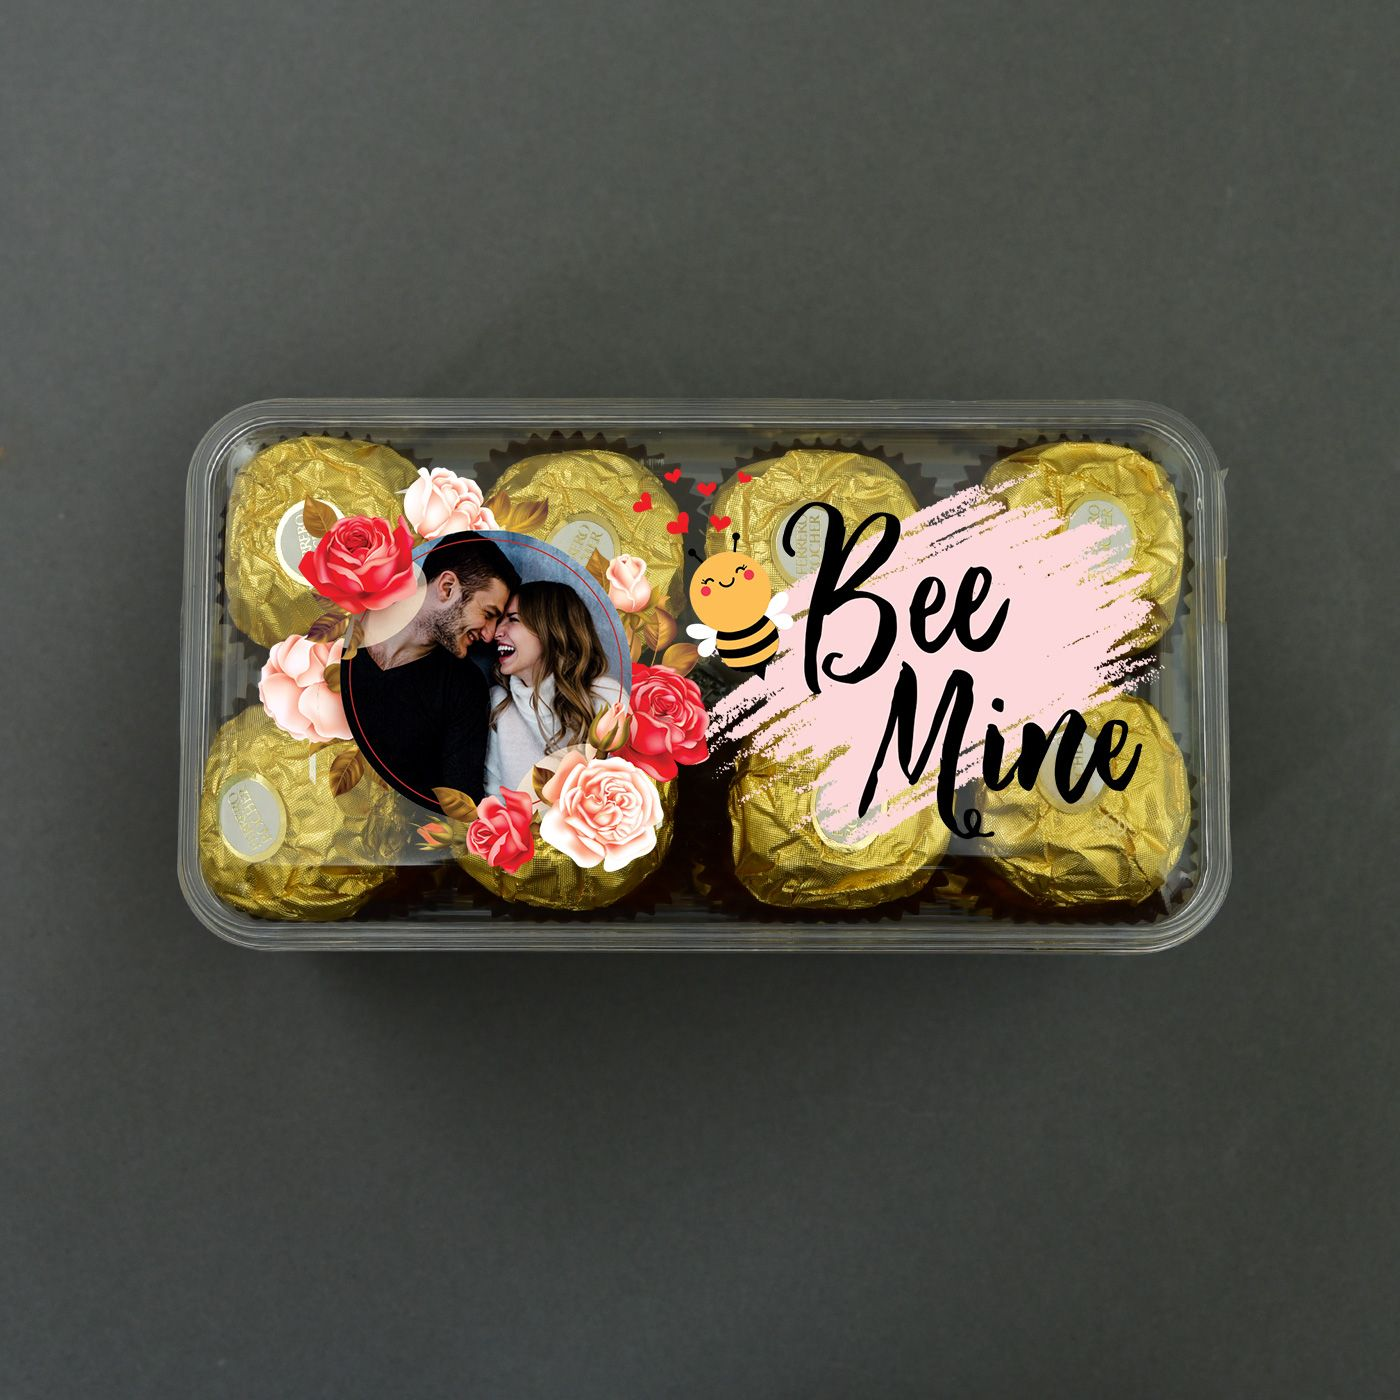 Be mine personalized photo box of 16 pc ferrero rocher in